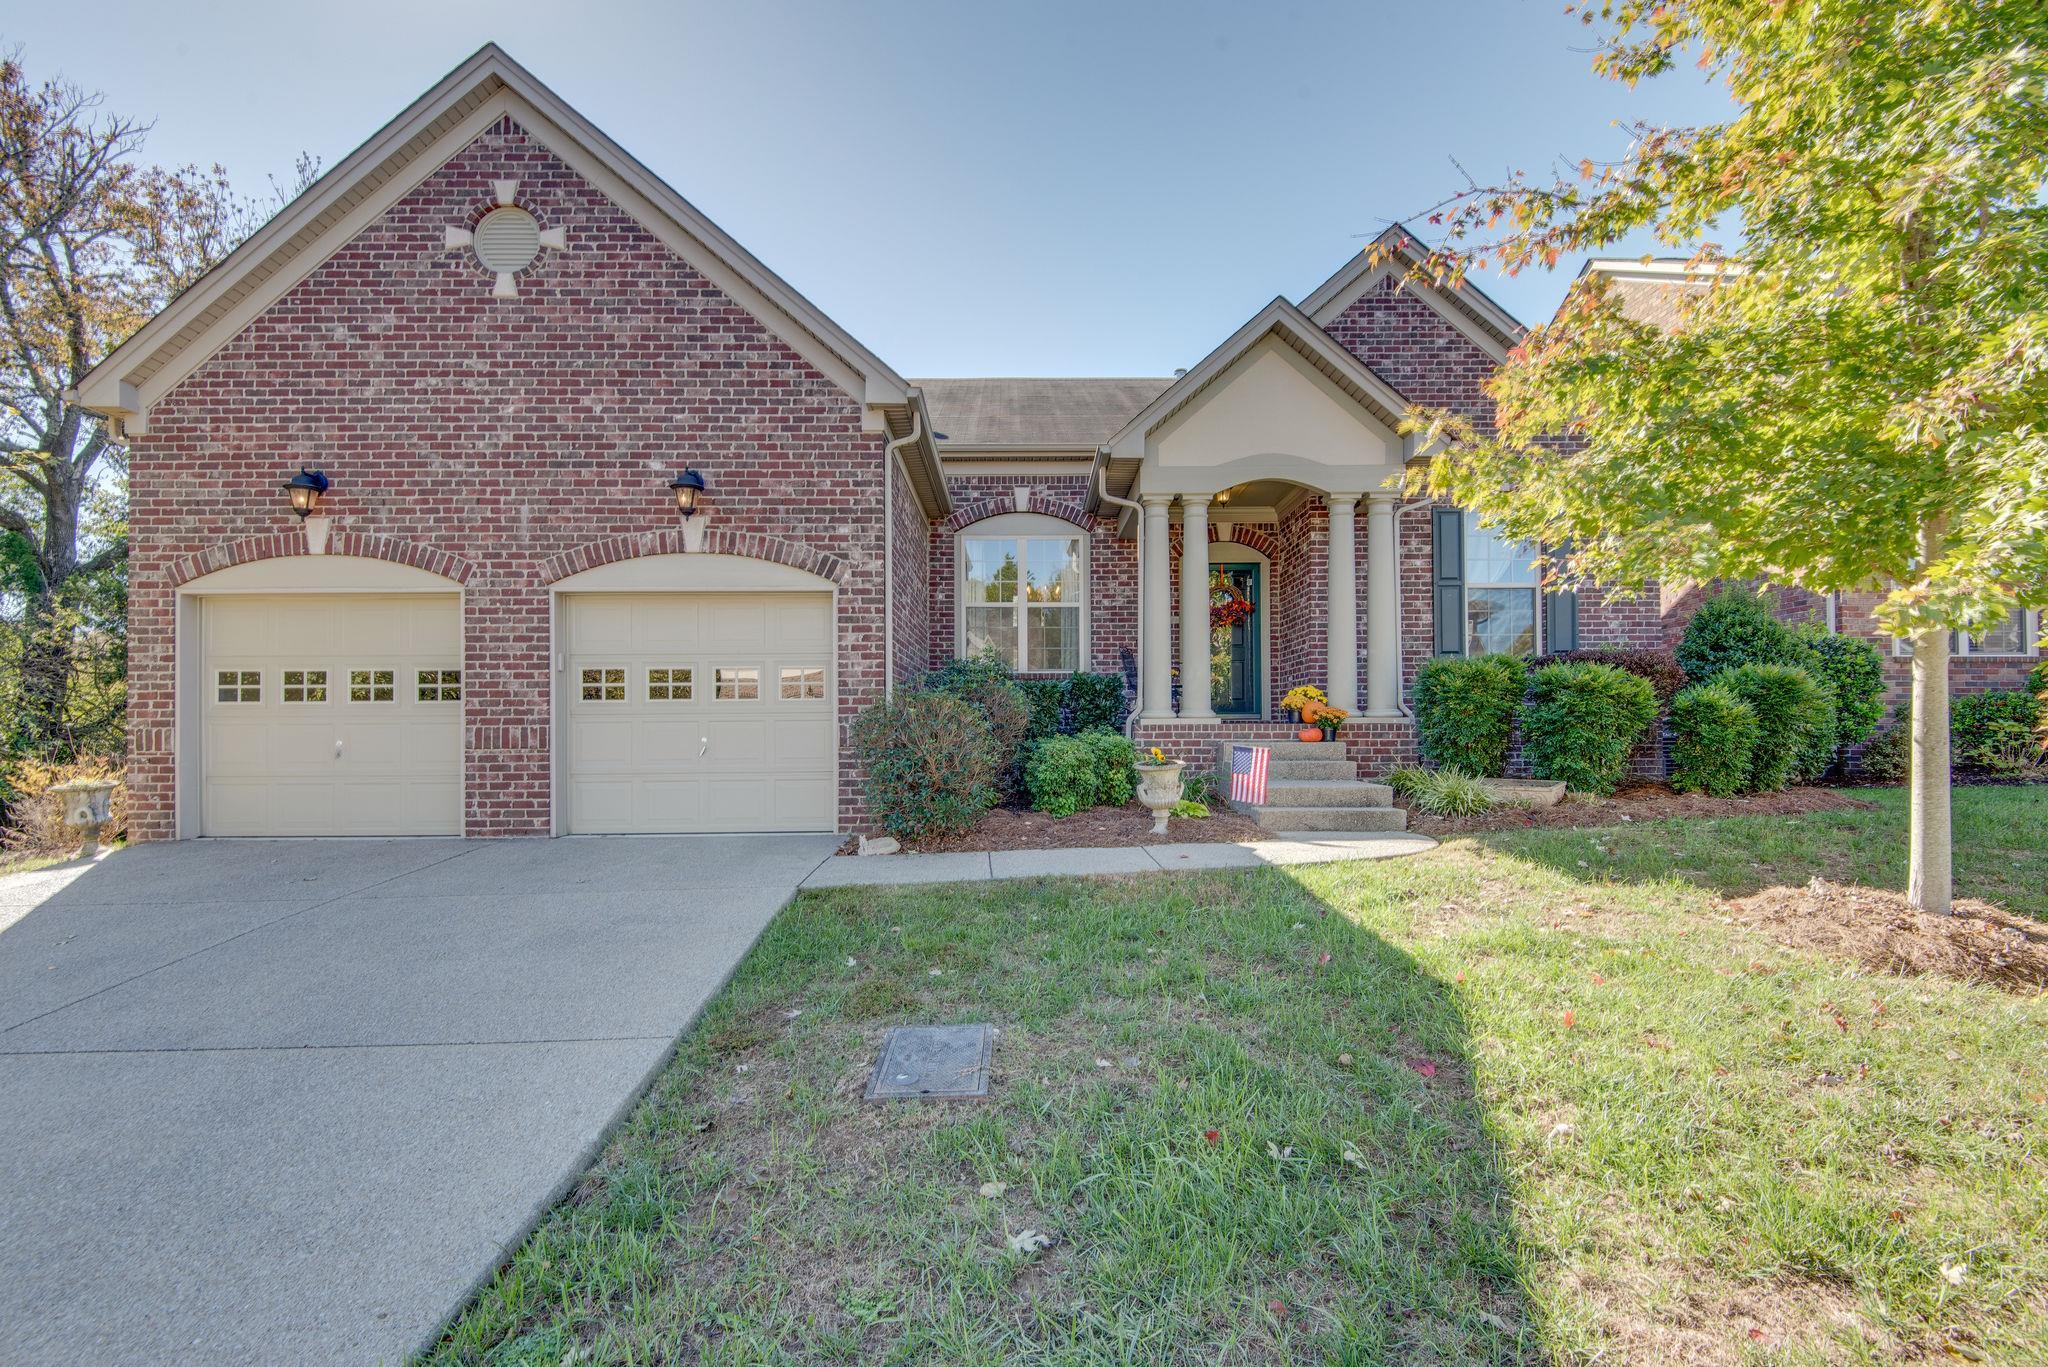 7664 Kemberton Dr, E, Nolensville, TN 37135 - Nolensville, TN real estate listing